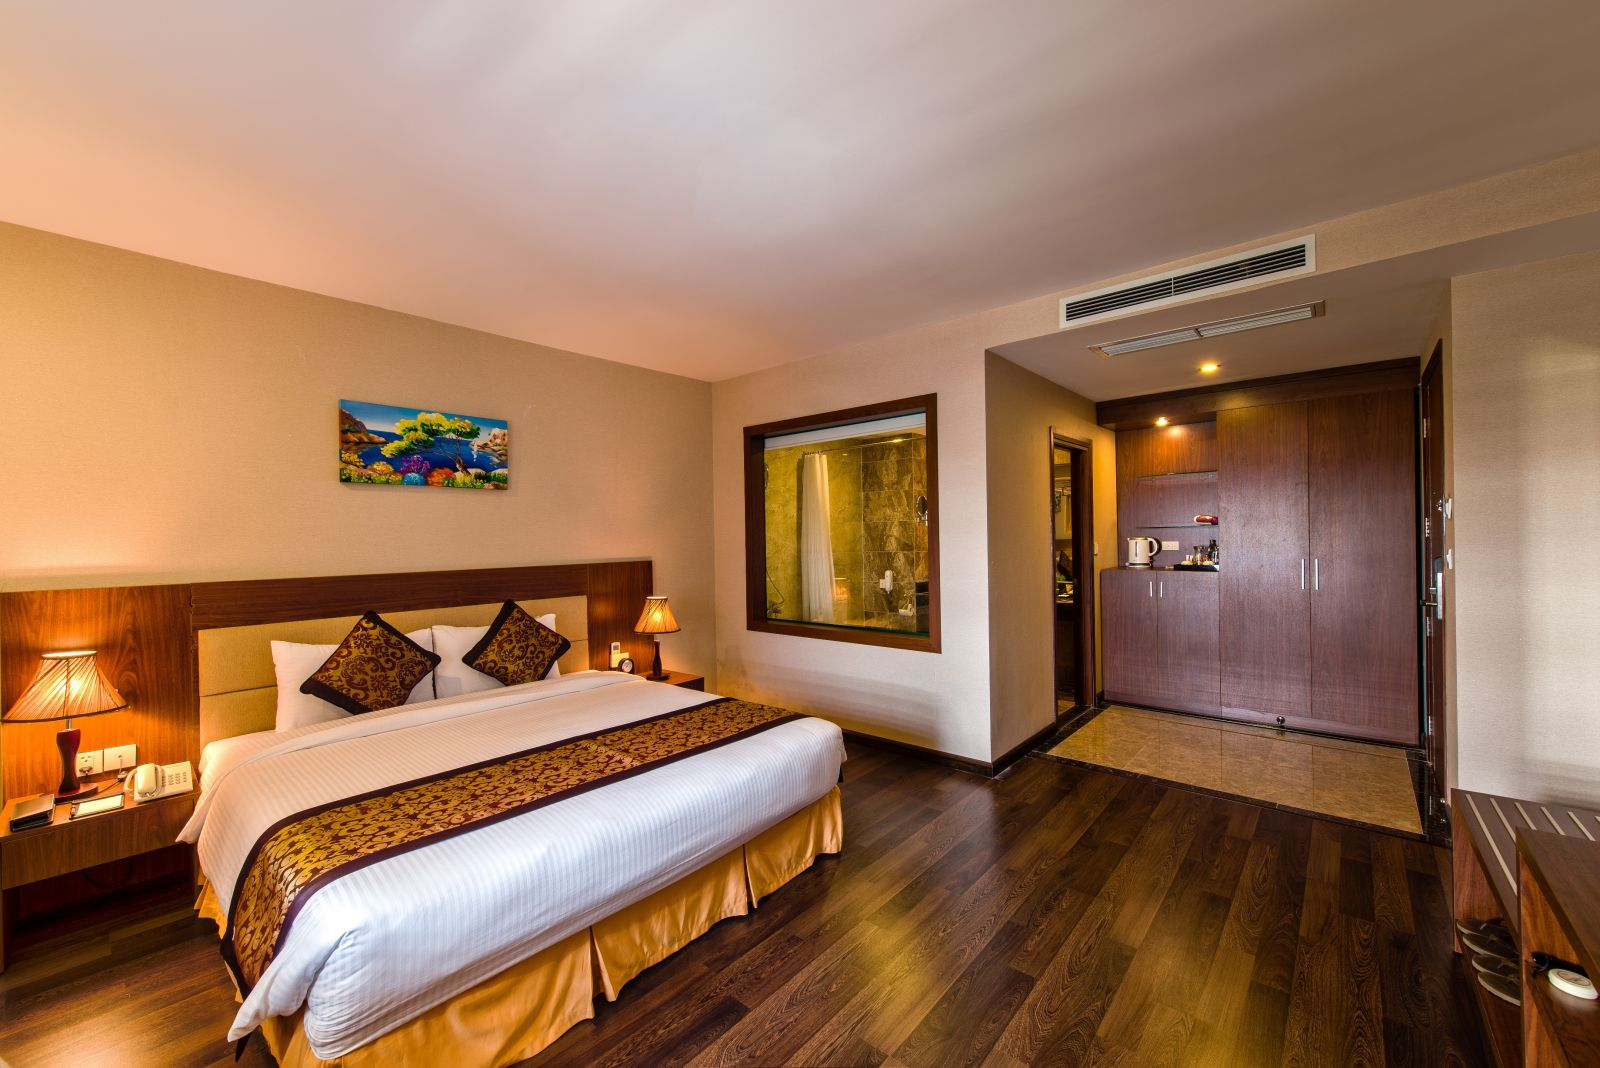 Khách sạn Mường Thanh Đà Nẵng